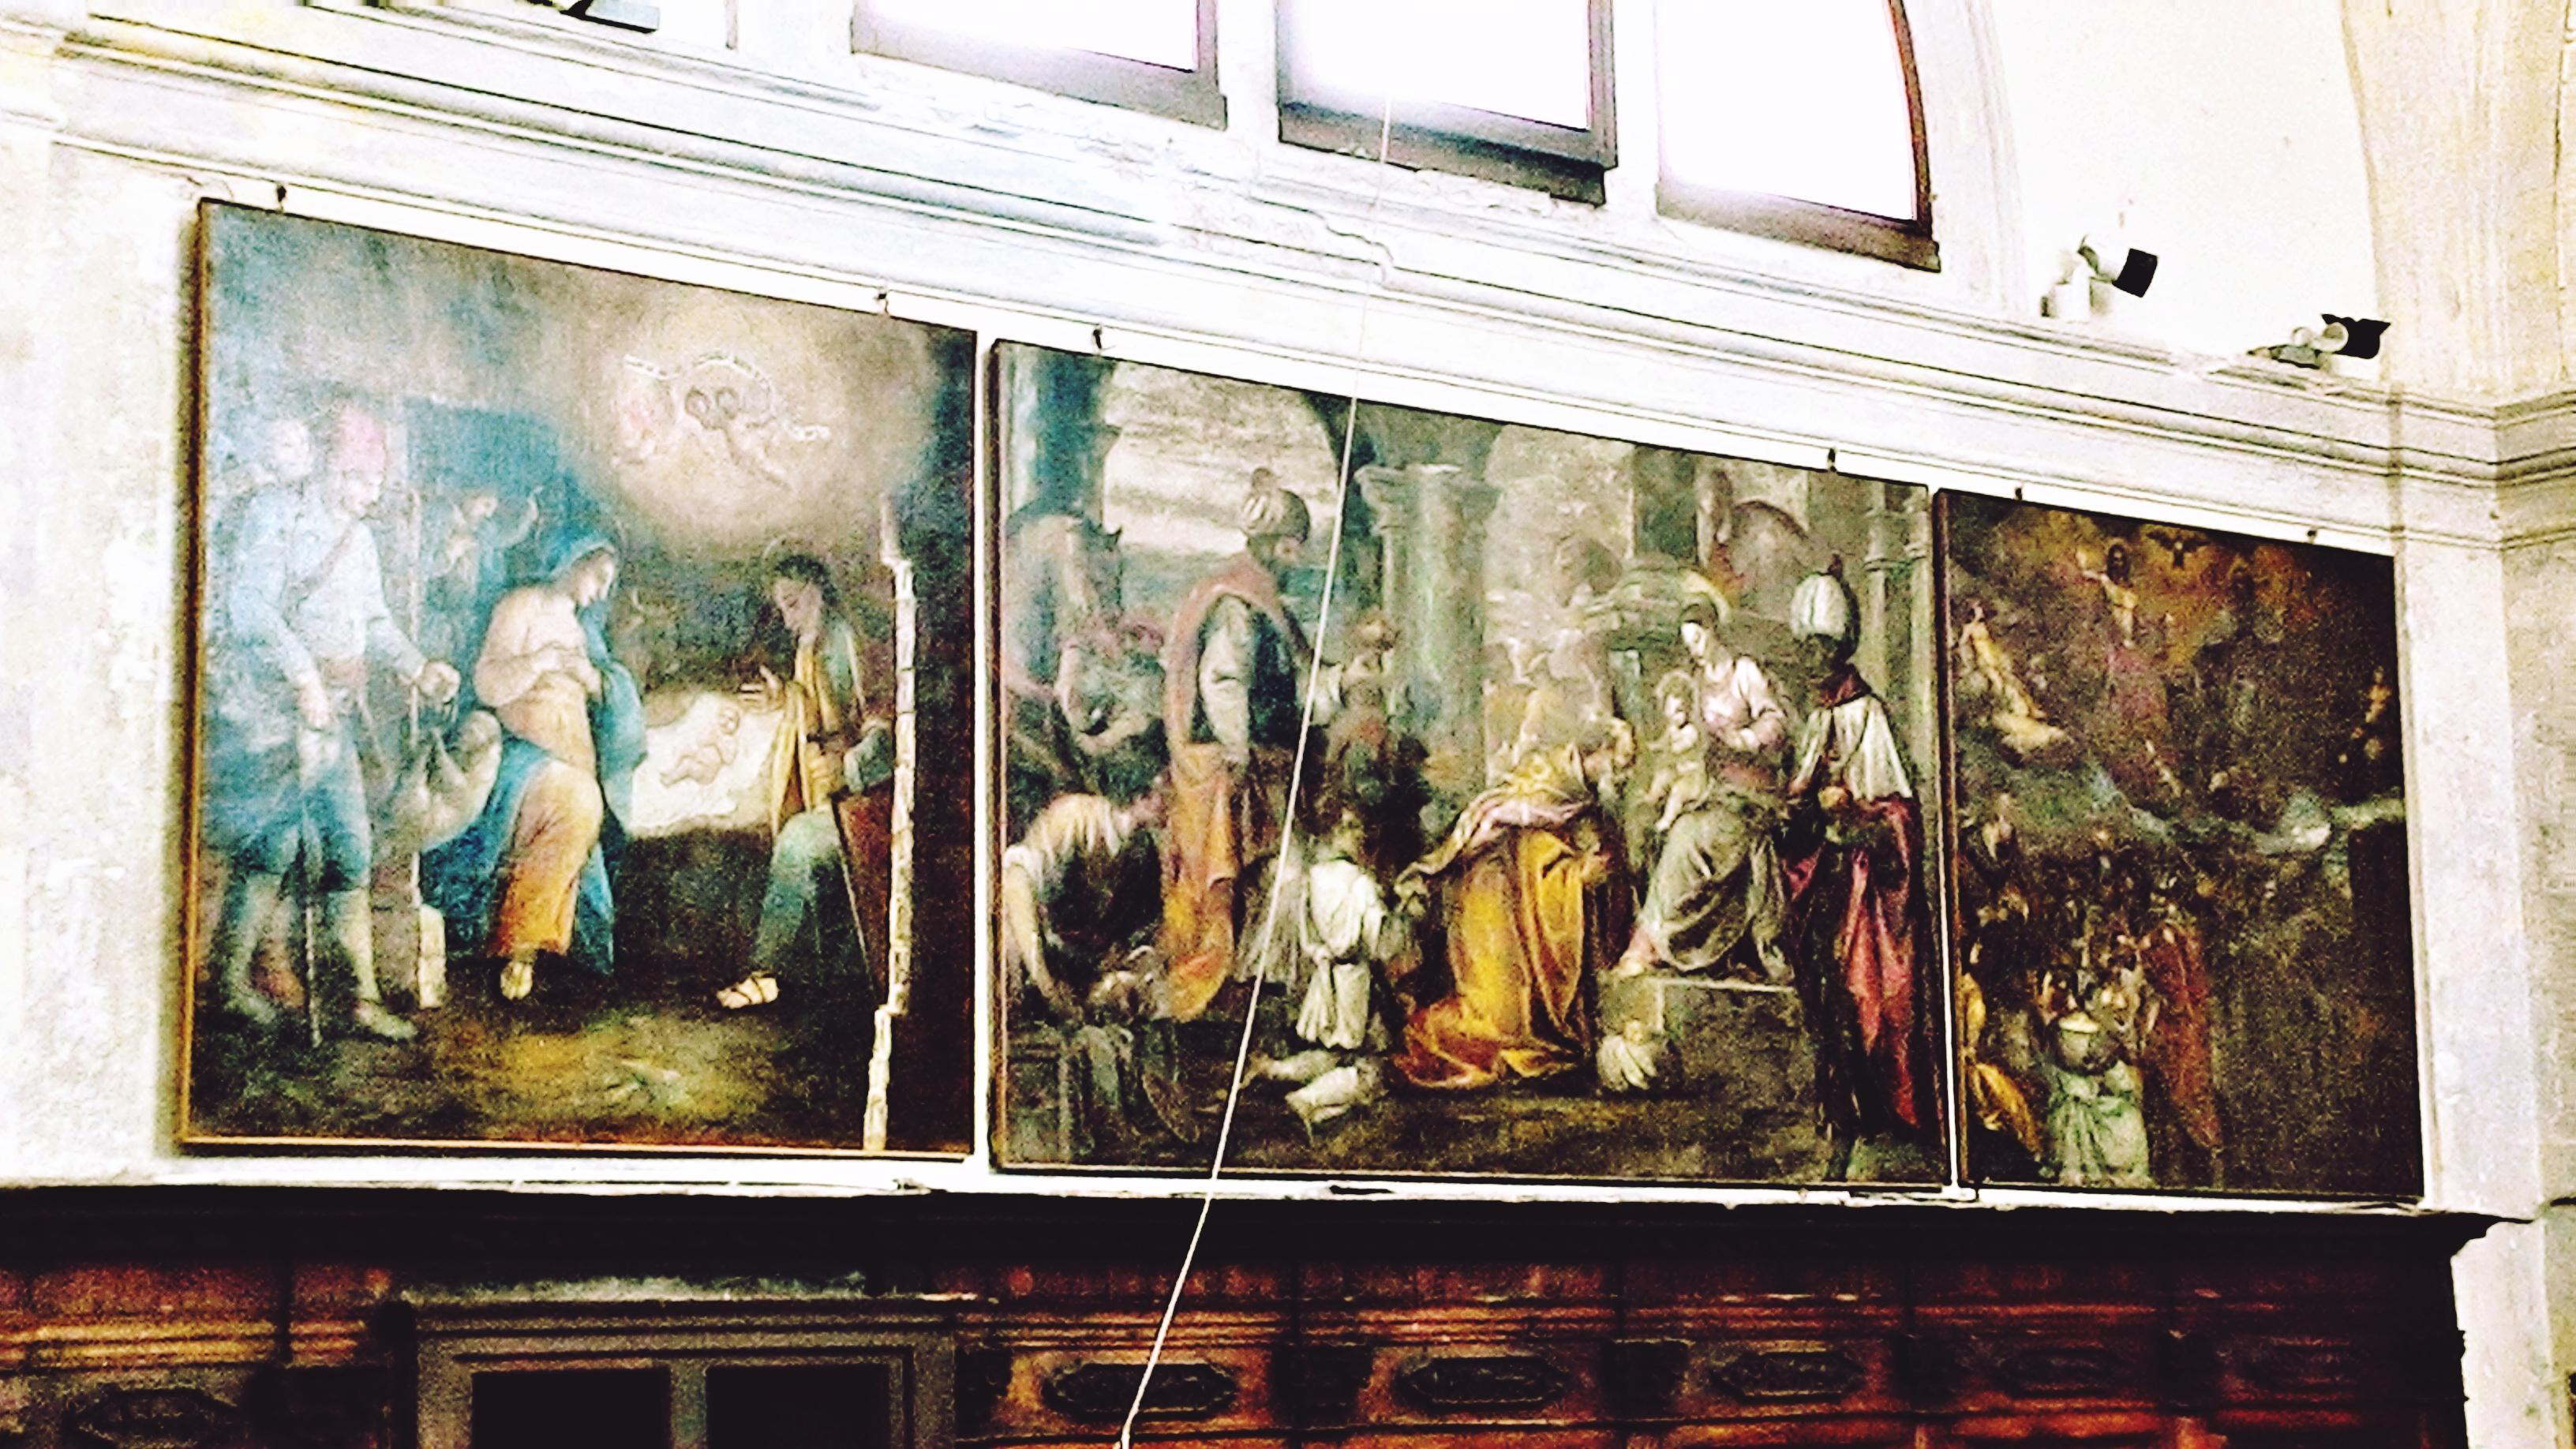 Vecchia chiesa di Battaglia Terme, le tre tele addossate alla parete settentrionale del presbiterio.